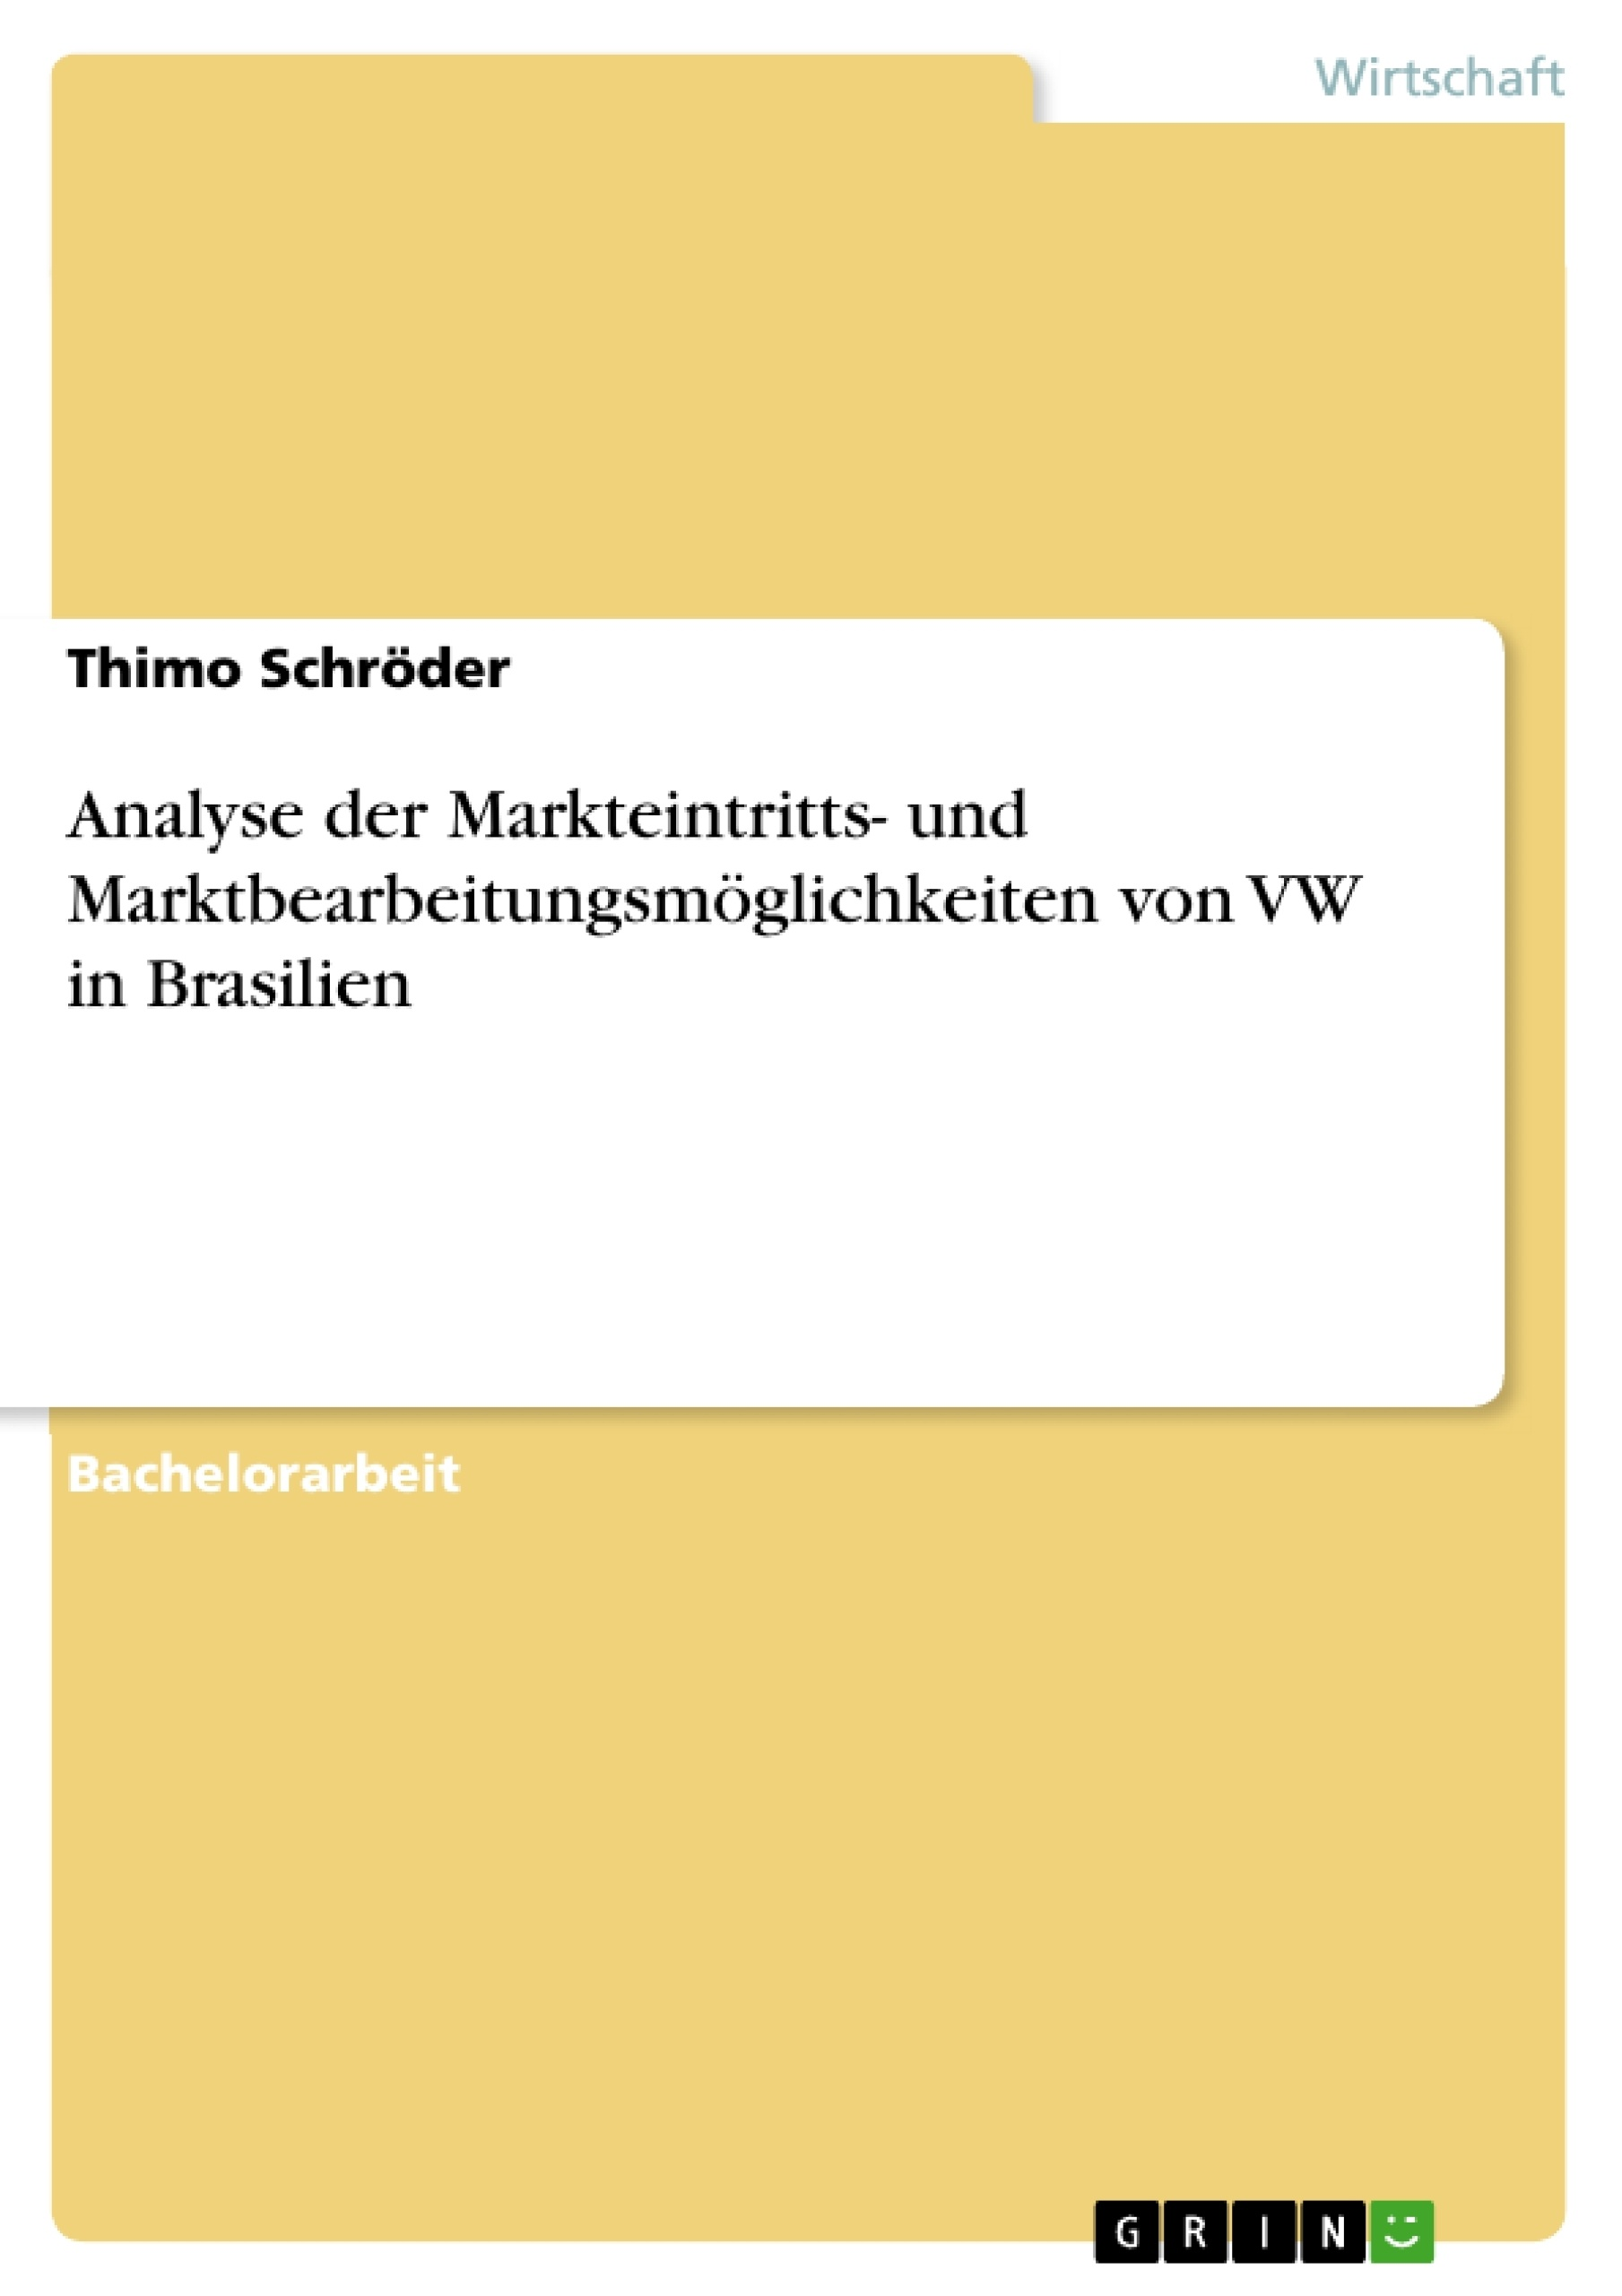 Titel: Analyse der Markteintritts- und Marktbearbeitungsmöglichkeiten von VW in Brasilien